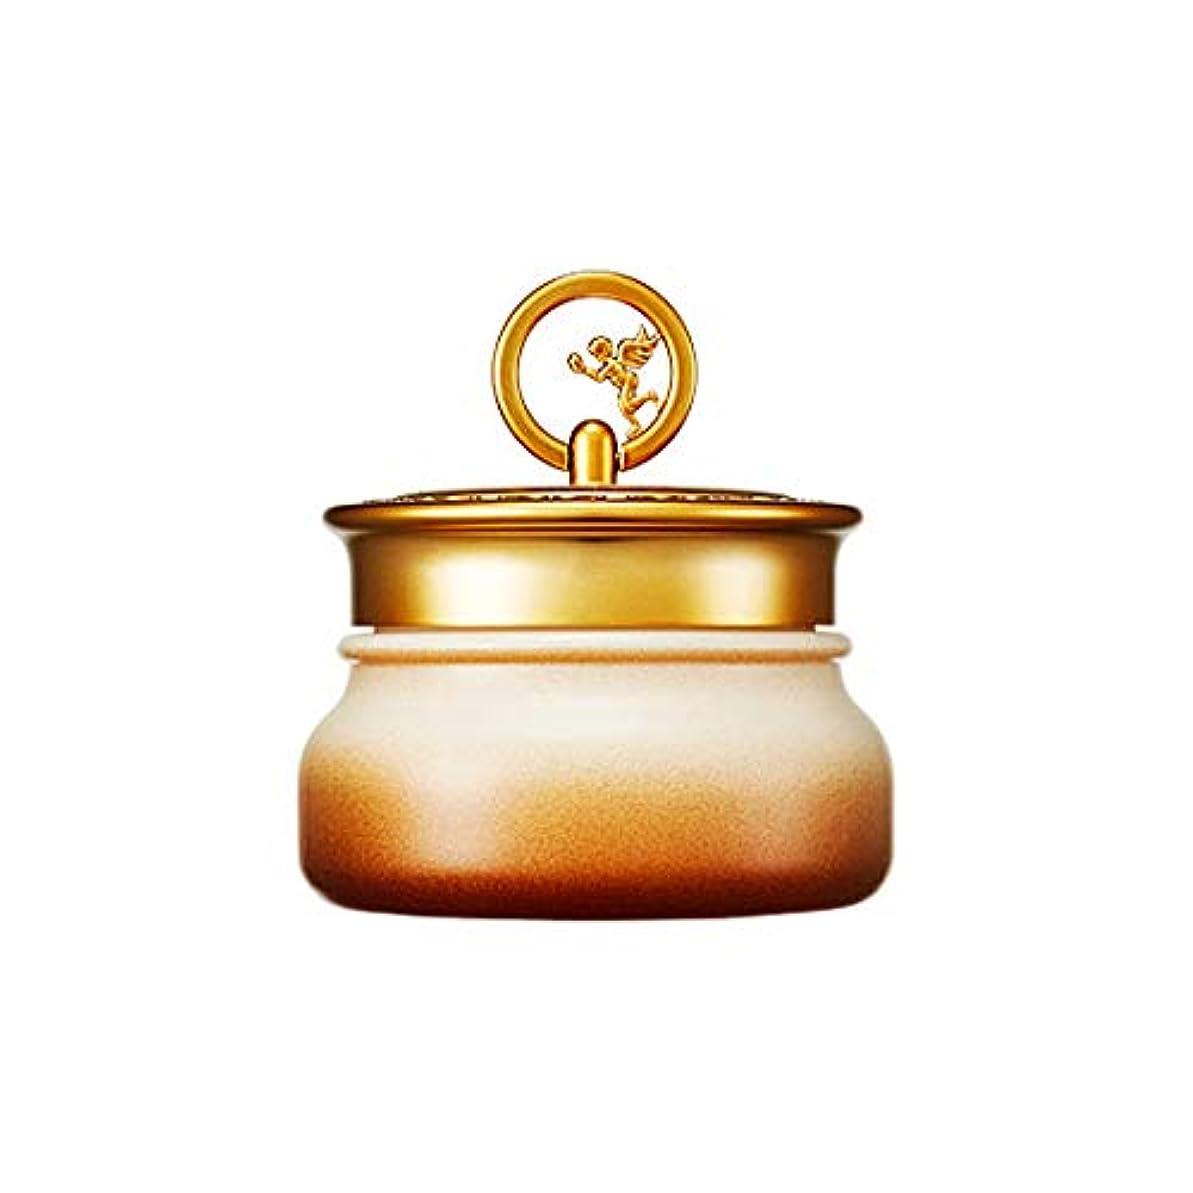 教剣付録Skinfood ゴールドキャビアクリーム(しわケア) / Gold Caviar Cream (wrinkle care) 45g [並行輸入品]